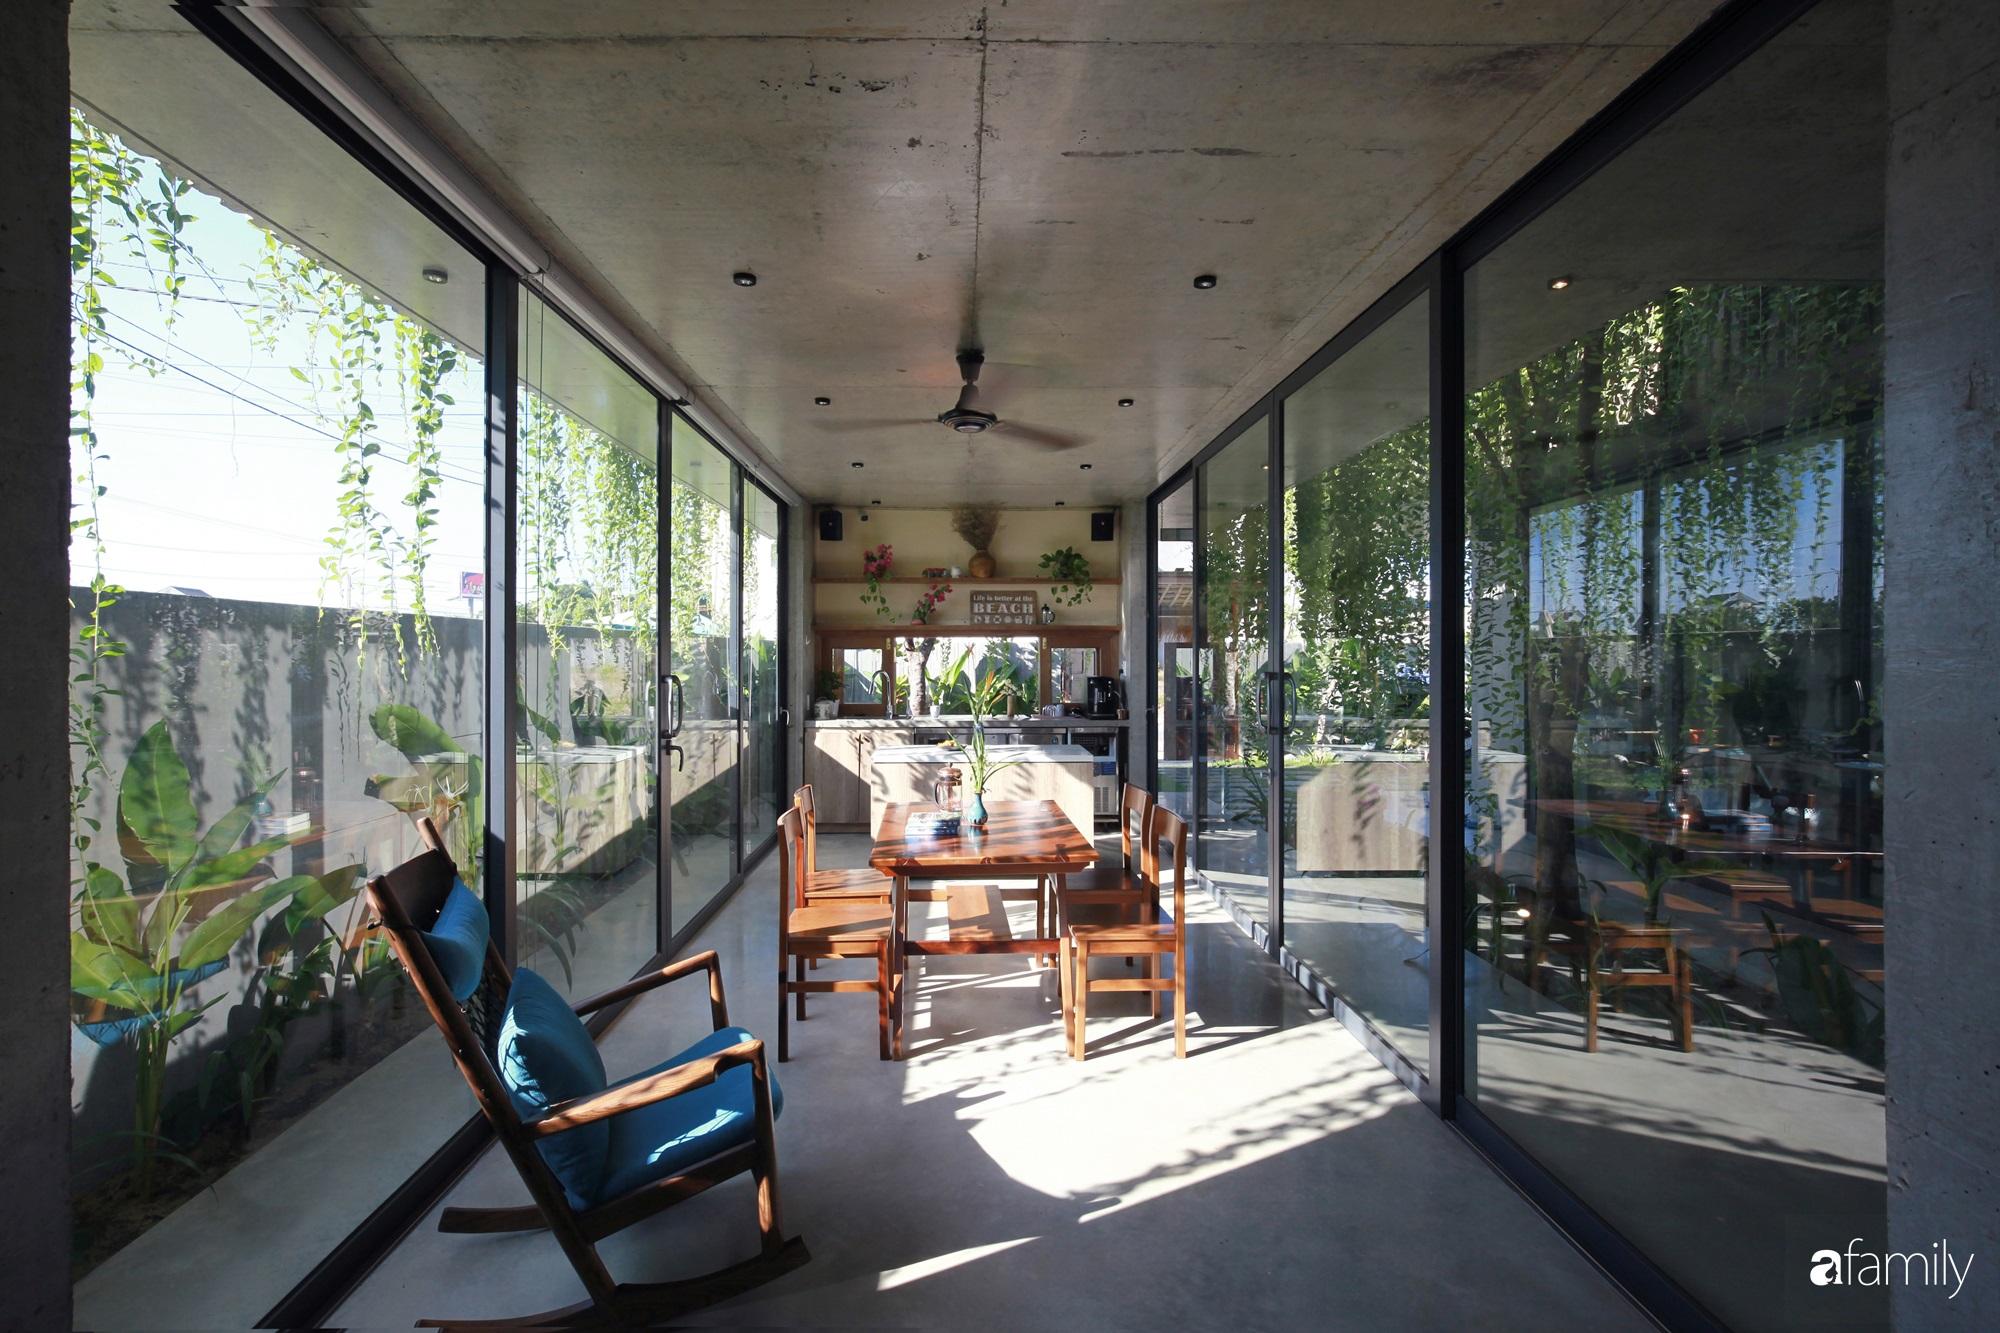 Nhà vườn mái tranh rộng 200m² với đủ tiện nghi hiện đại nổi bật giữa phố thị Hội An có chi phí xây dựng 2,1 tỷ đồng - Ảnh 21.